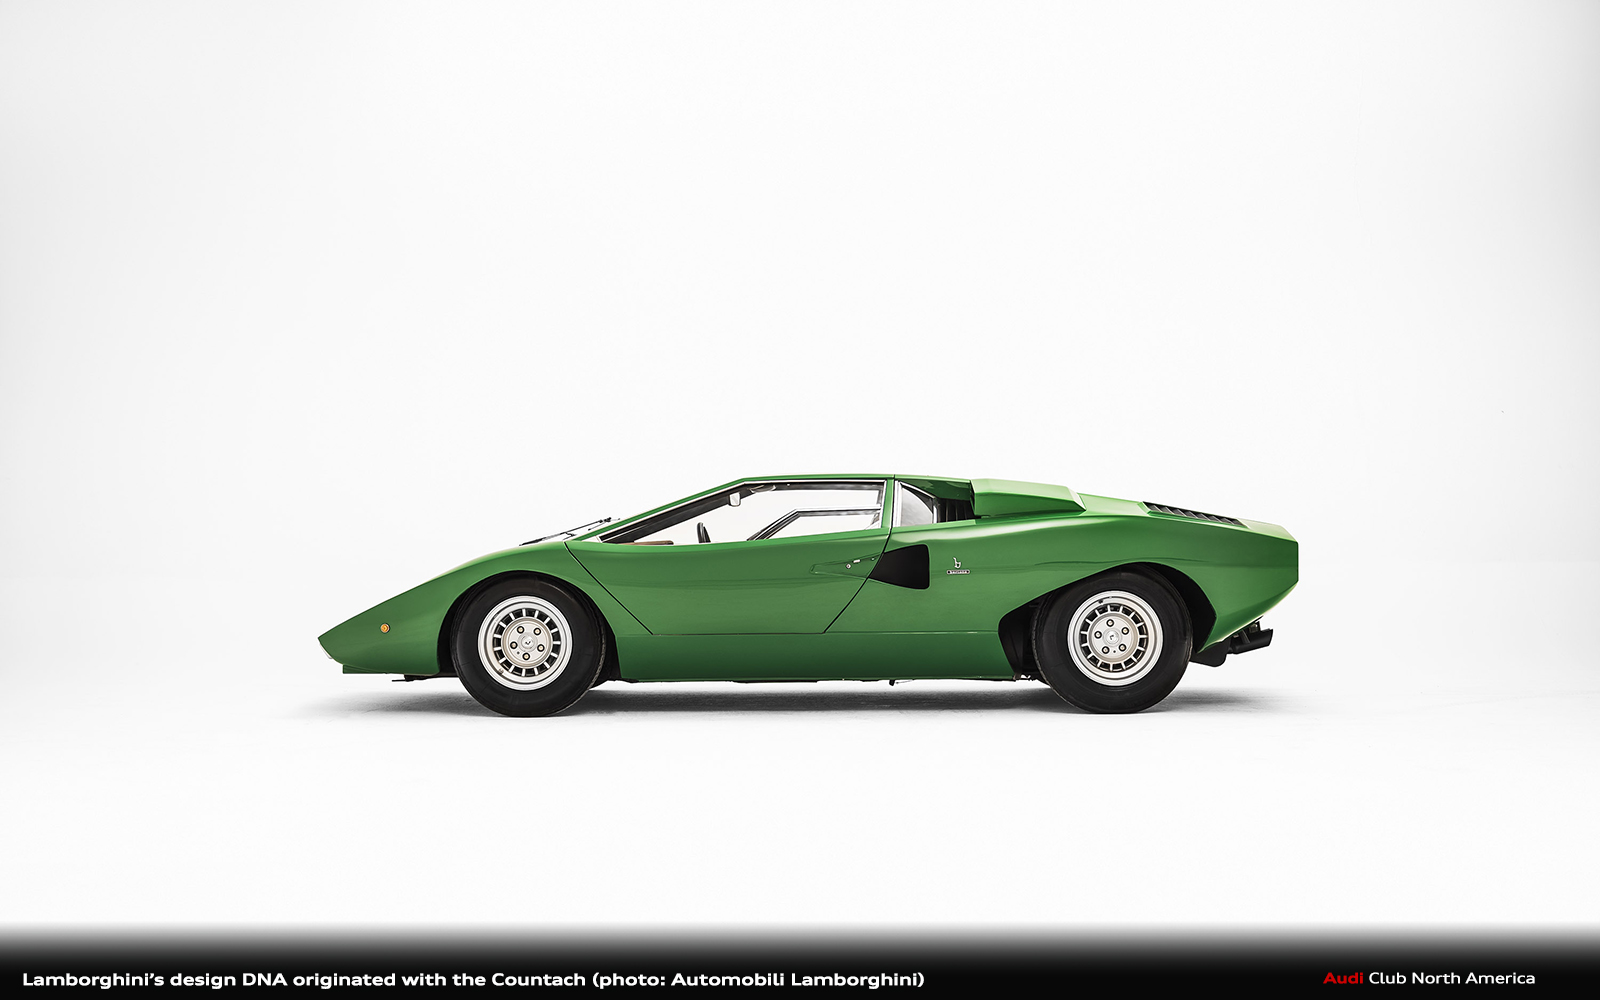 Lamborghini's Design DNA Originated with the Countach